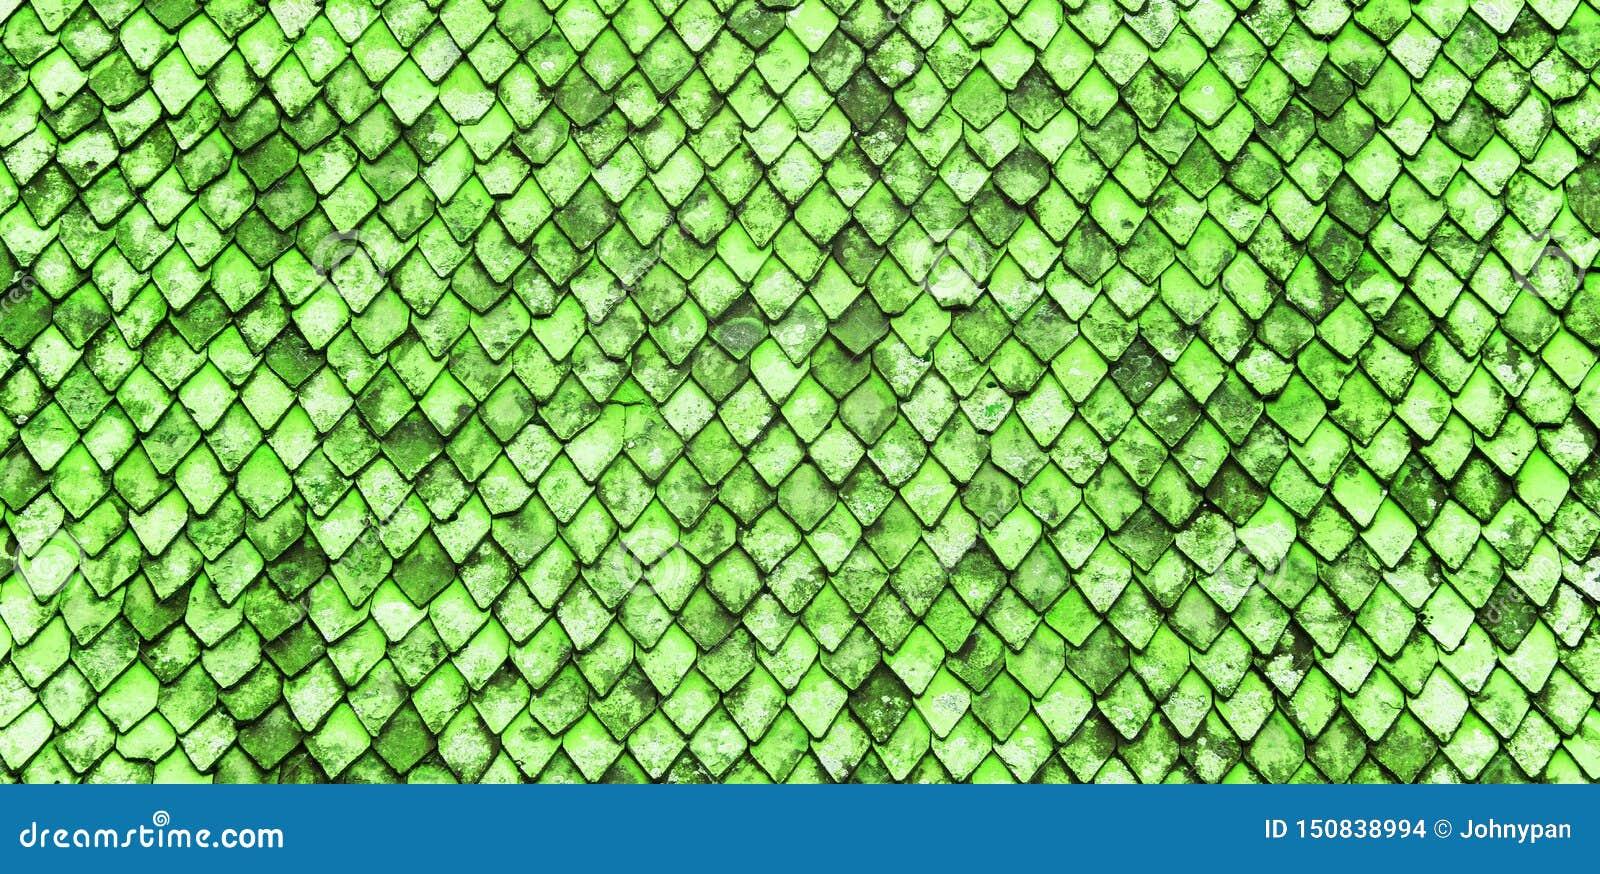 Στέγη φιαγμένη από πράσινα κεραμίδια